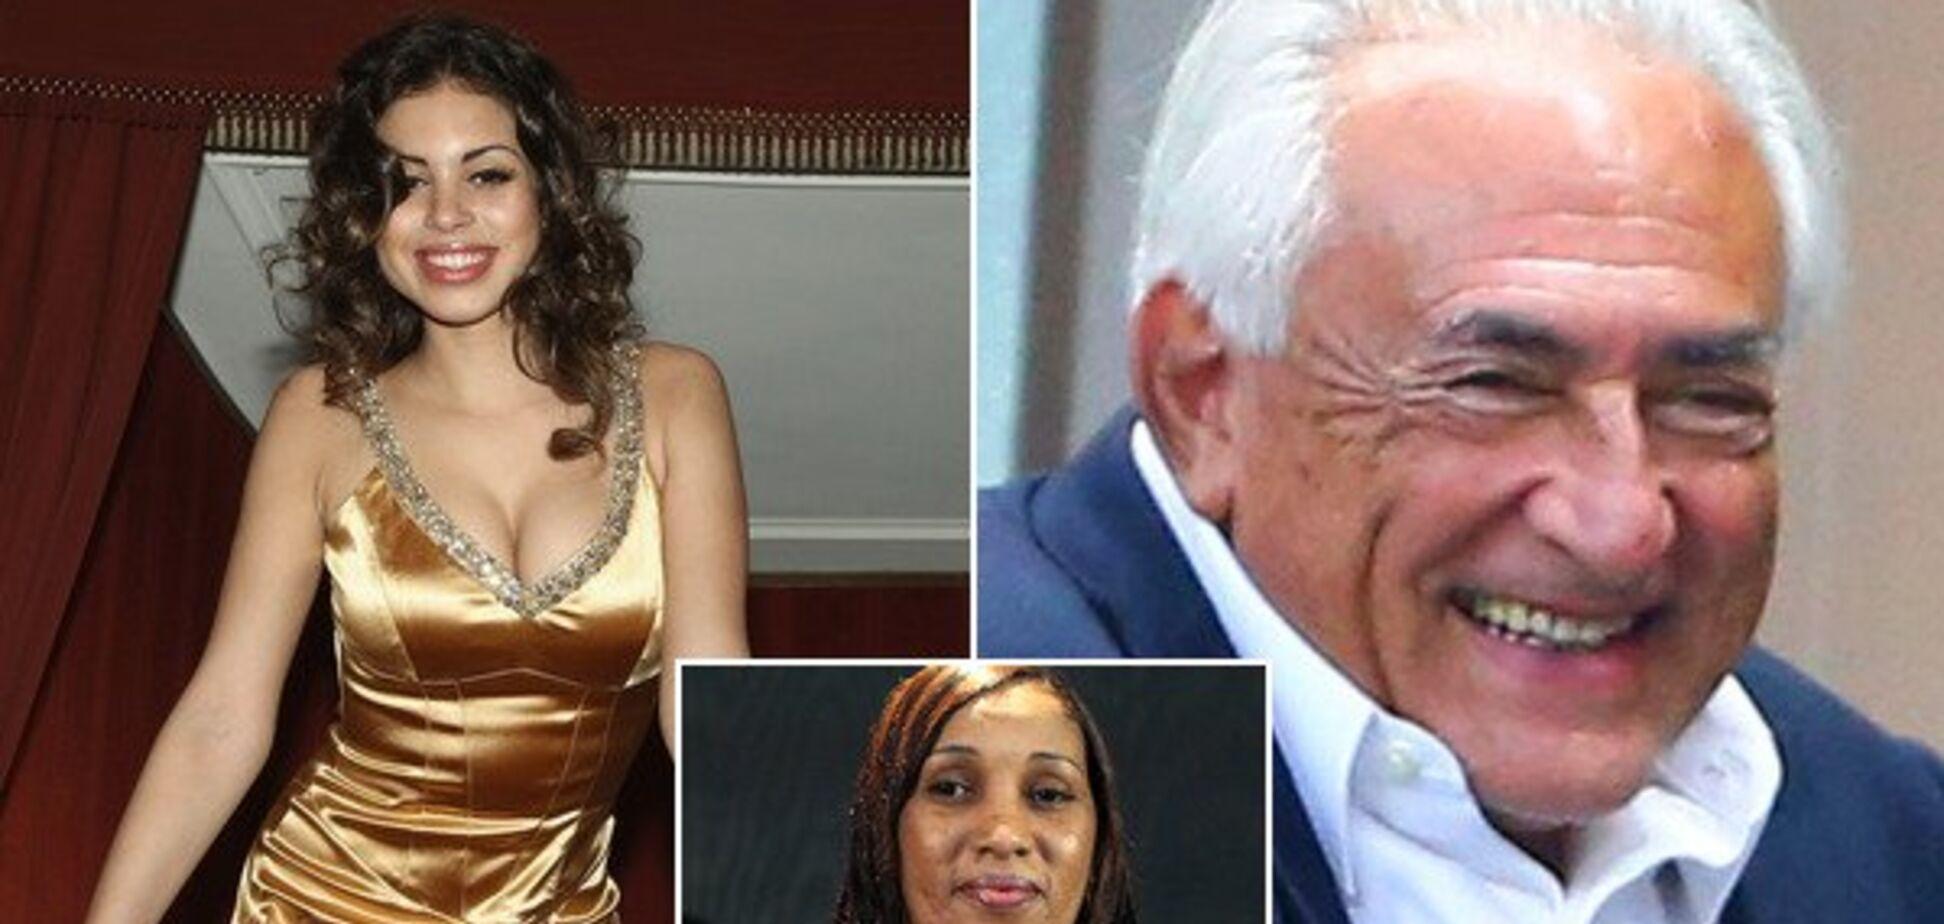 На заметку Яременко: топ-5 громких секс-скандалов, уничтоживших карьеры политиков